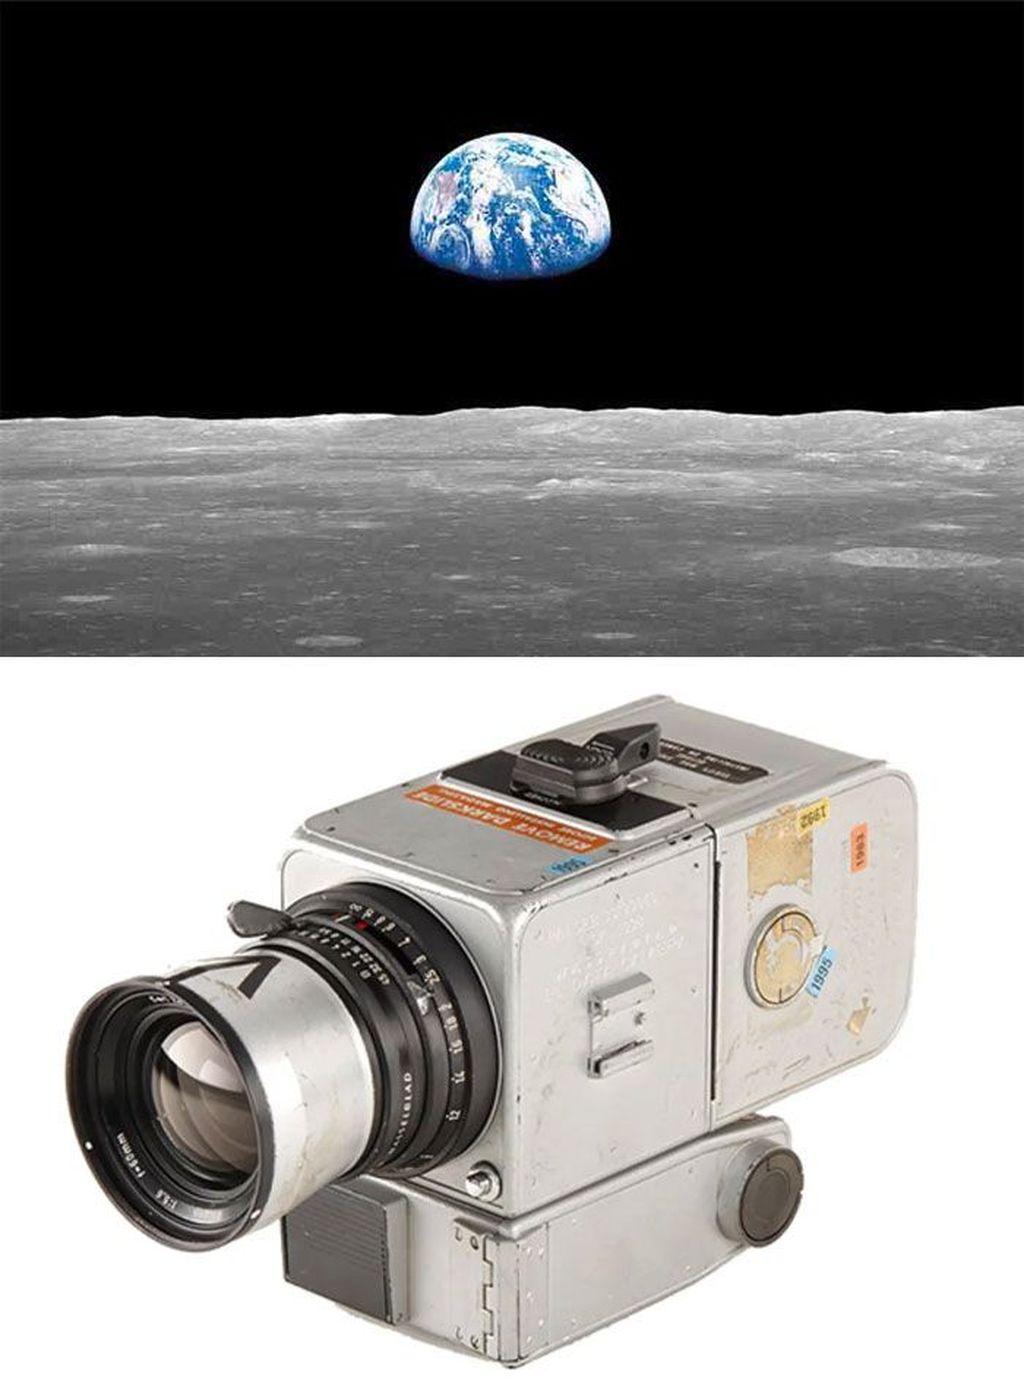 Earhtrise (1968) karya William Andres diambil dari kamera Hasselblad 500 EL modifikasi. Foto: Bored Panda